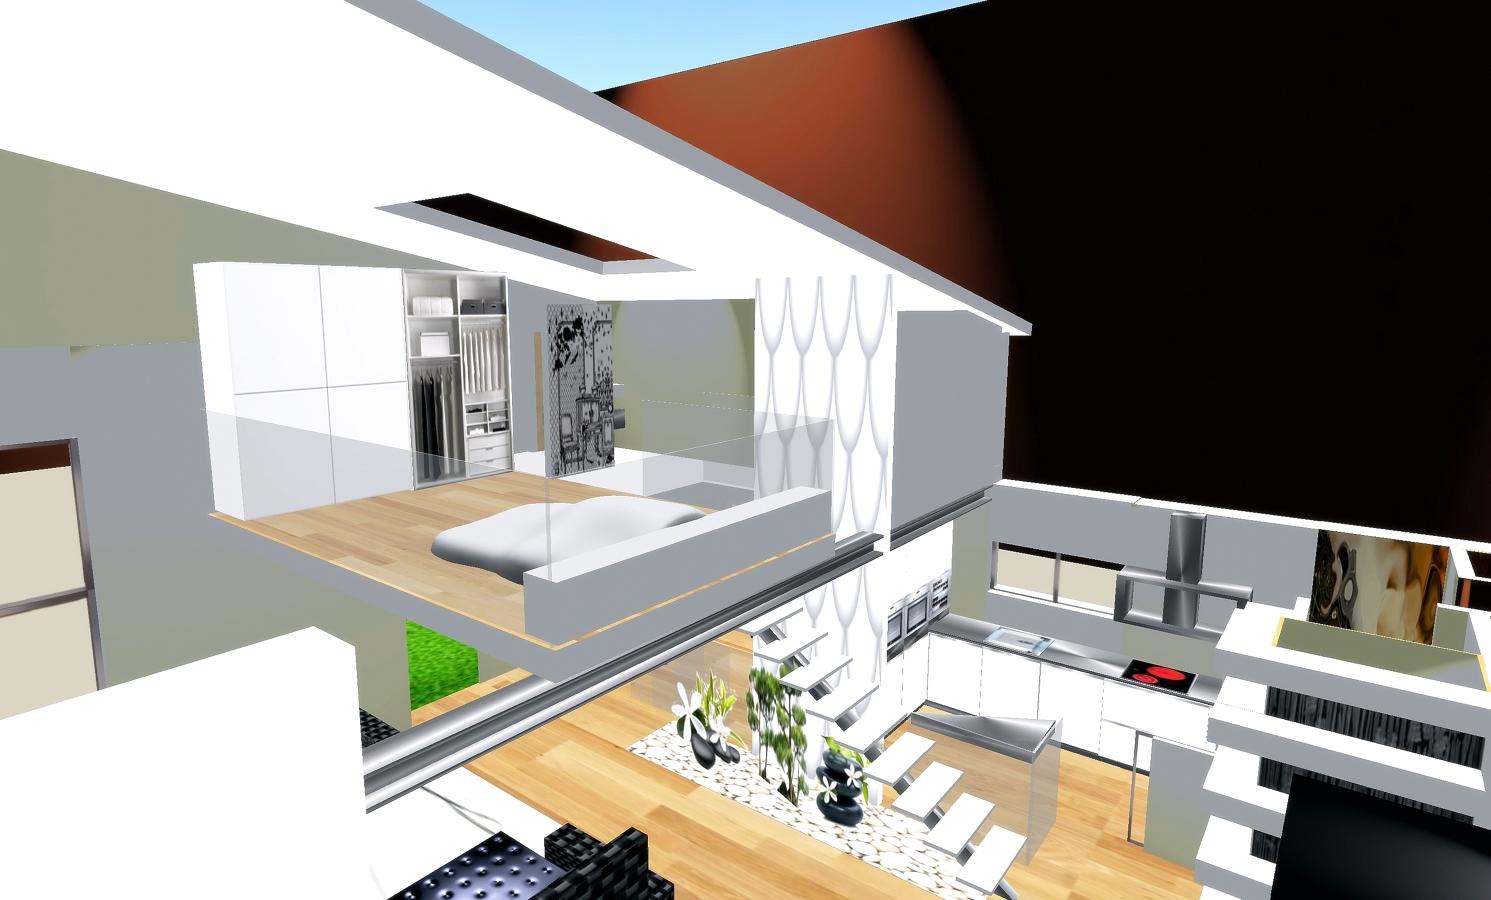 Construir casa en planta baja infiesto asturias for Construir casa